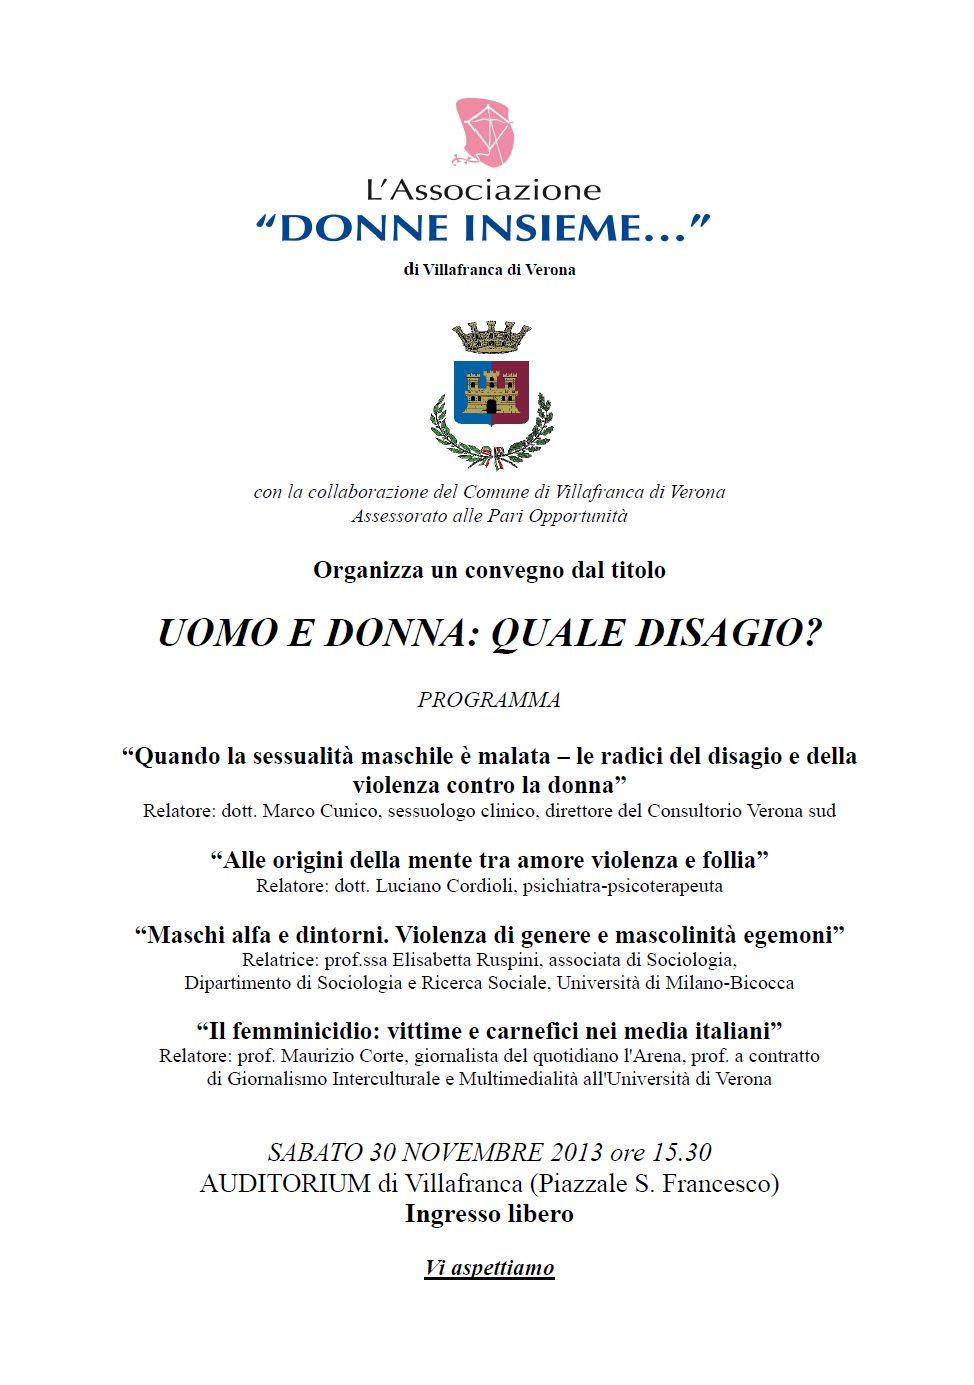 La locandina dell'evento a Villafranca, Verona